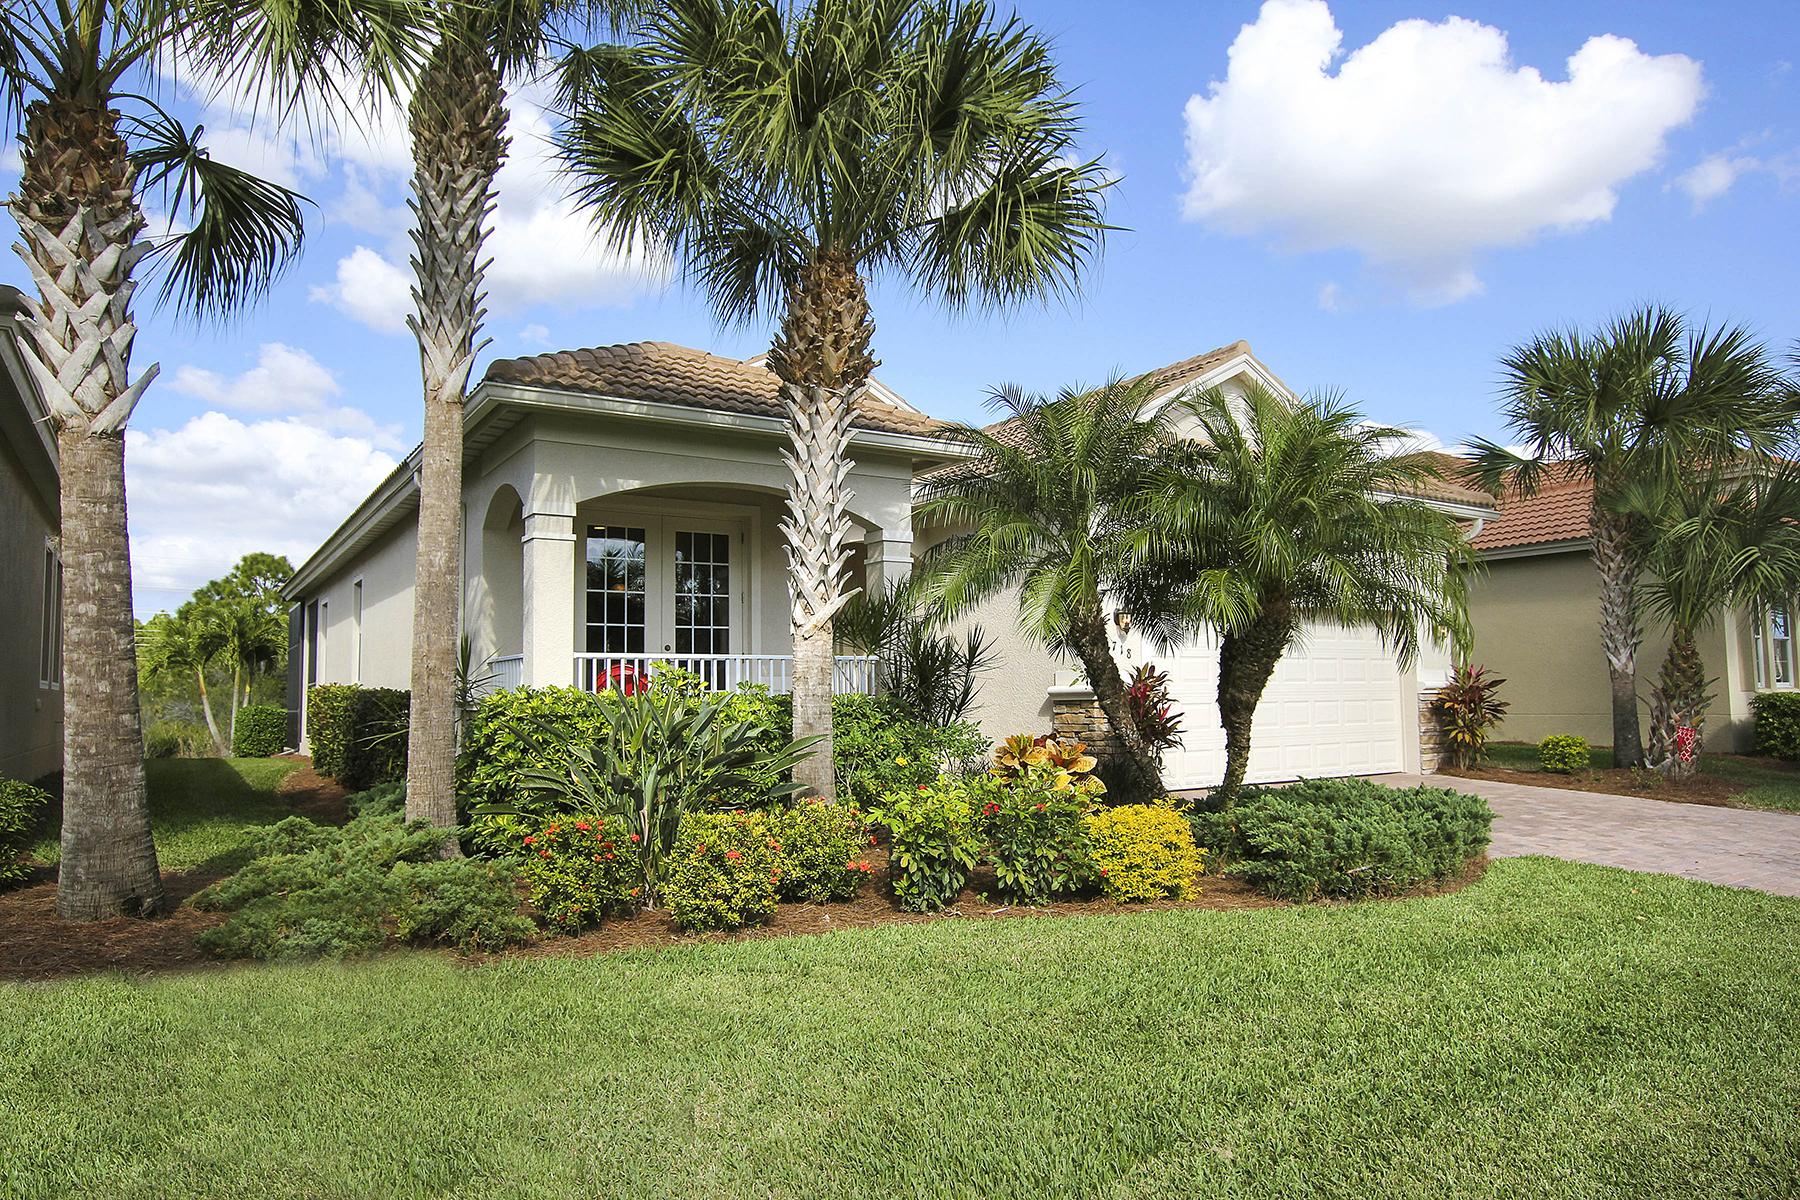 一戸建て のために 売買 アット EMERSON SQUARE 5718 Calmar Breeze Ln Fort Myers, フロリダ, 33908 アメリカ合衆国